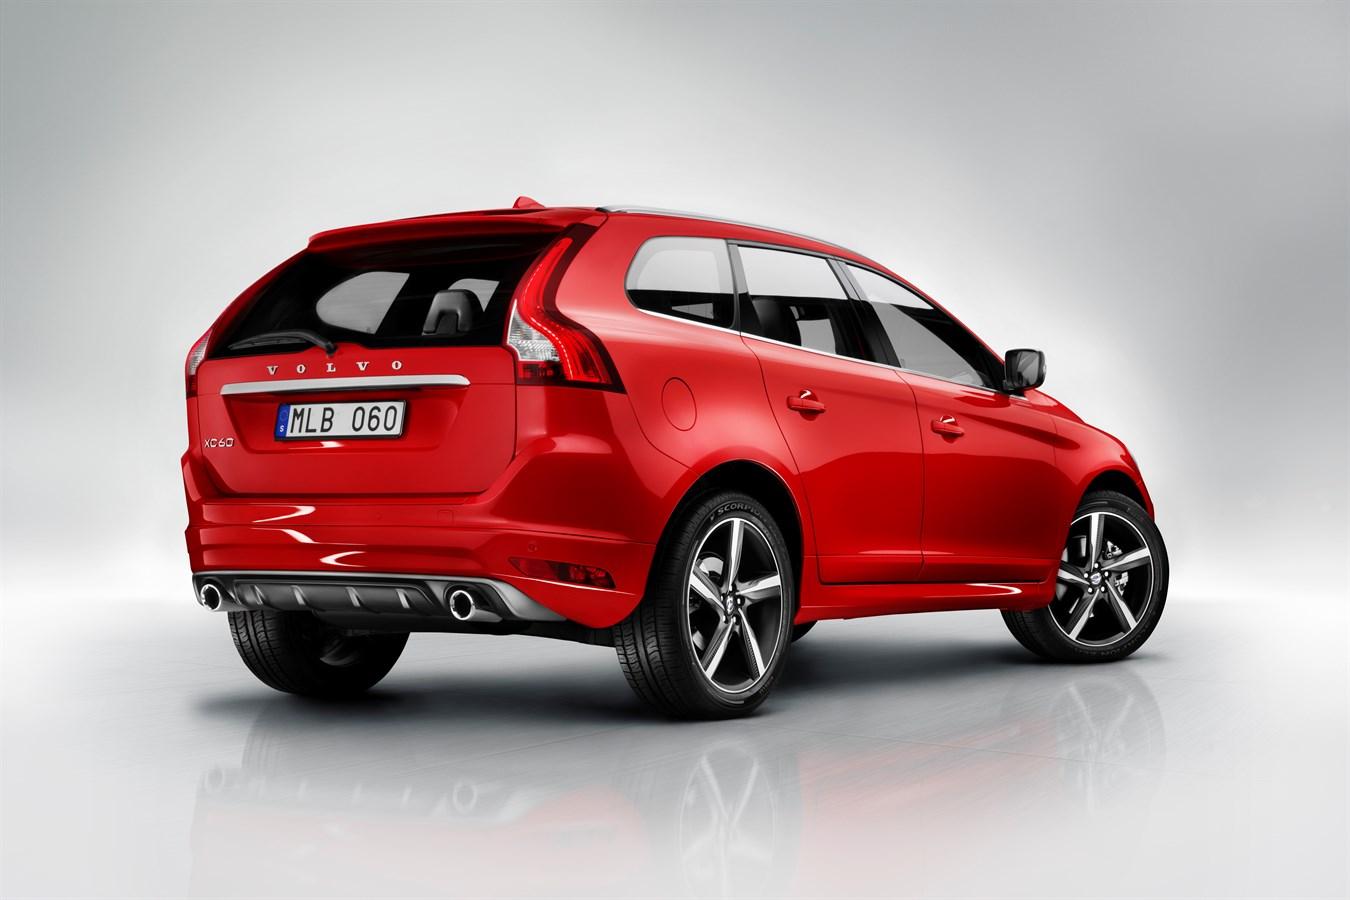 Volvo Teile & Zubehör Traktoren Antrieb, Motor & Getriebe Offen Verschiedene Filter